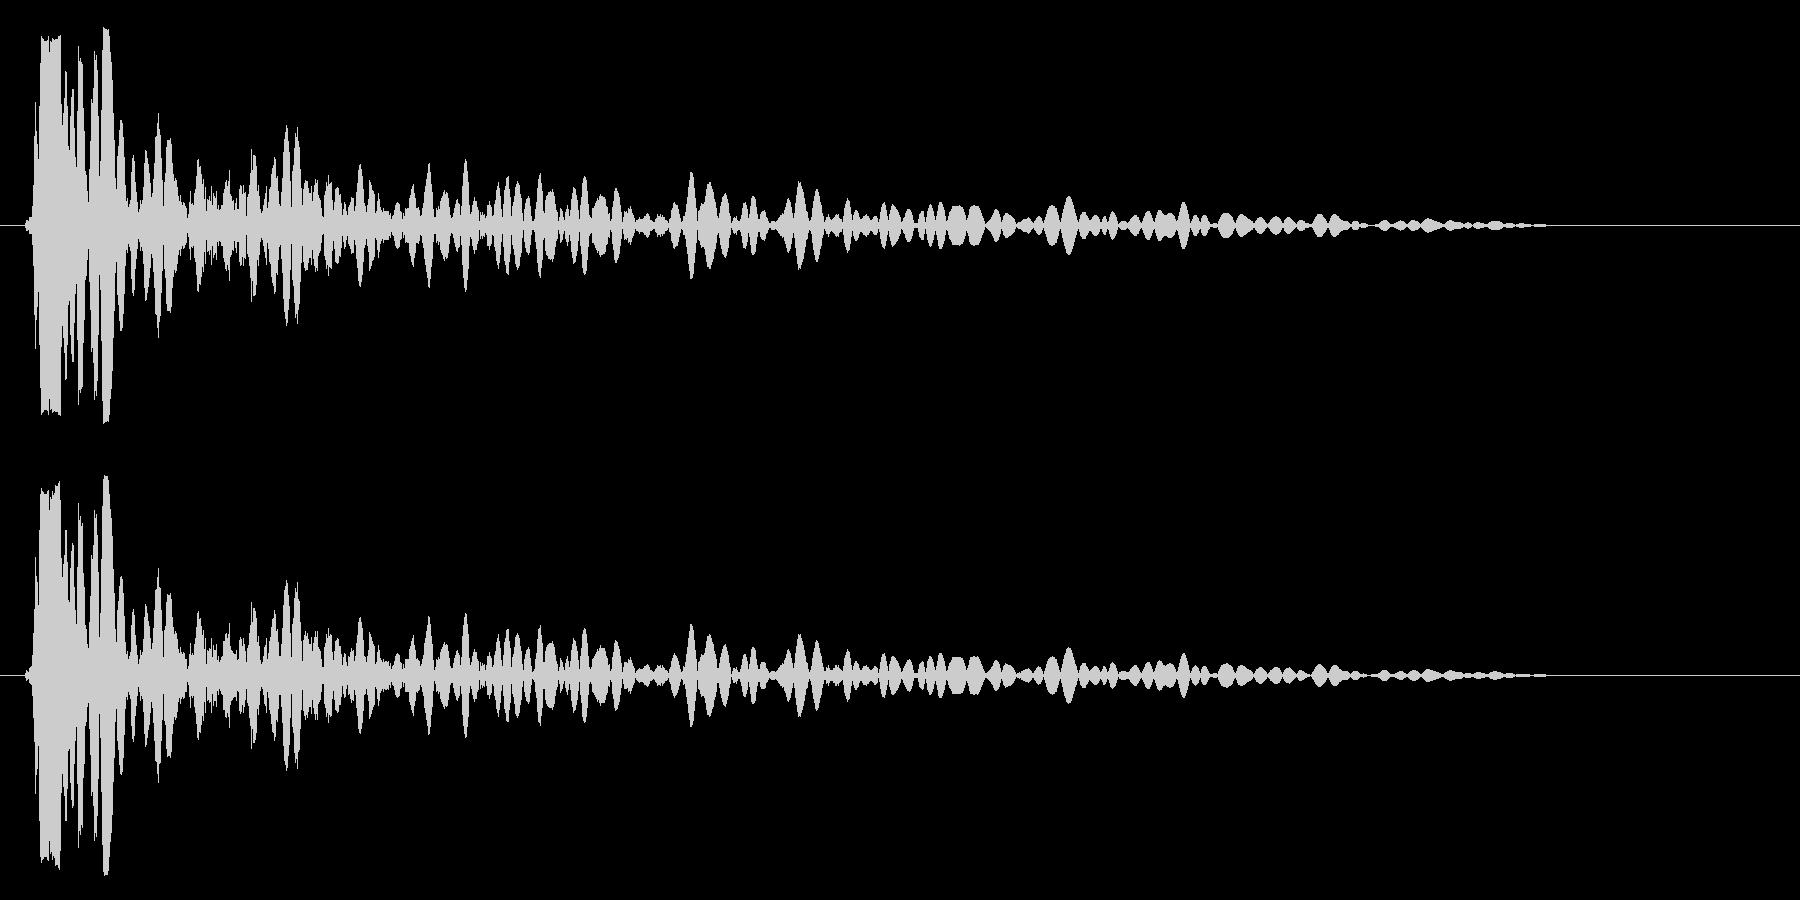 バン(高めのバスドラムの音)の未再生の波形